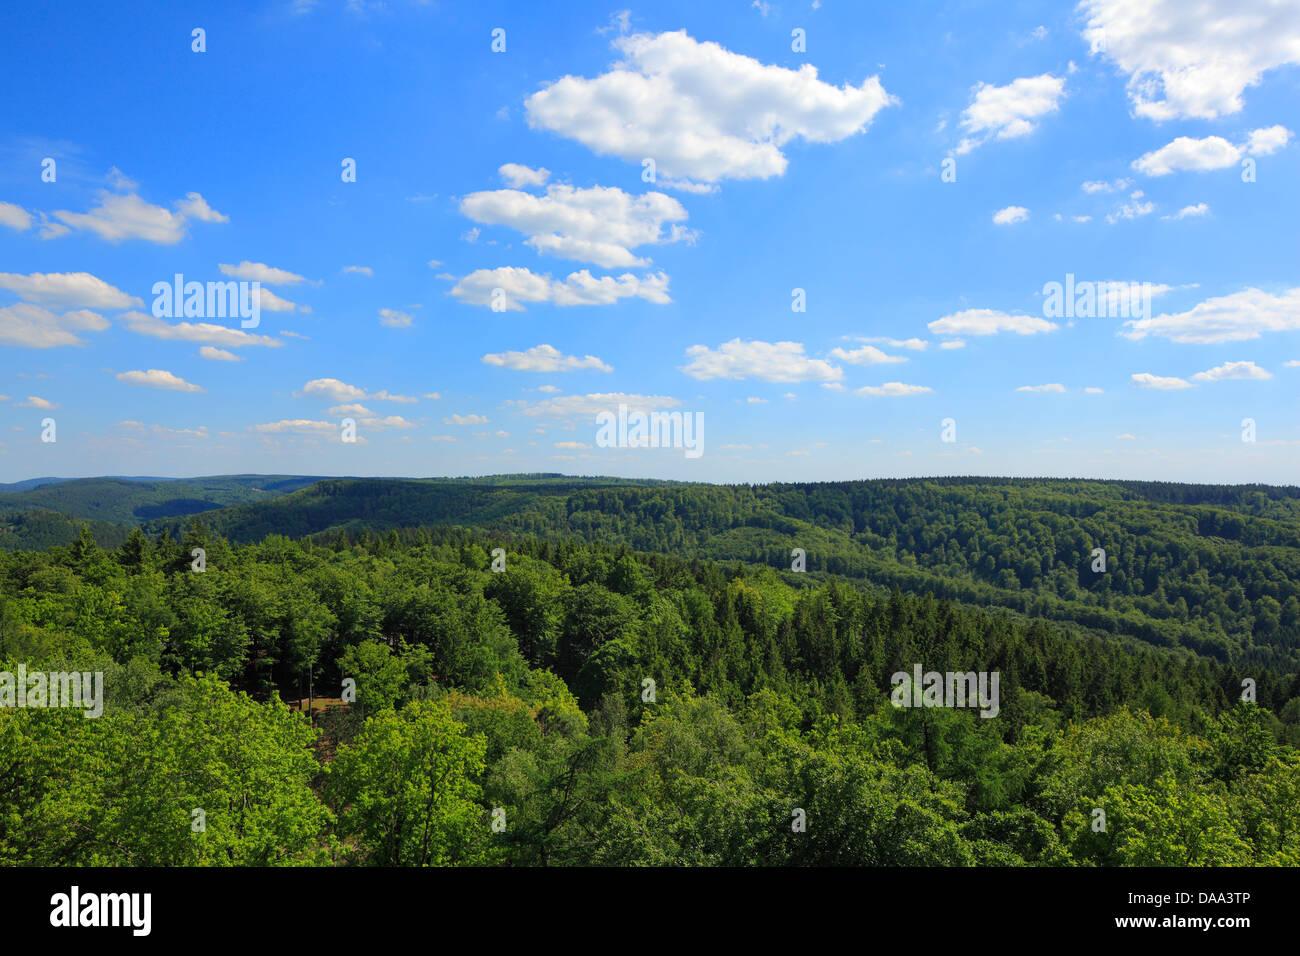 Waldlandschaft, Blick vom Hermannsdenkmal zum Lippischen Wald, Detmold, Teutoburger Wald, Nordrhein-Westfalen Stock Photo